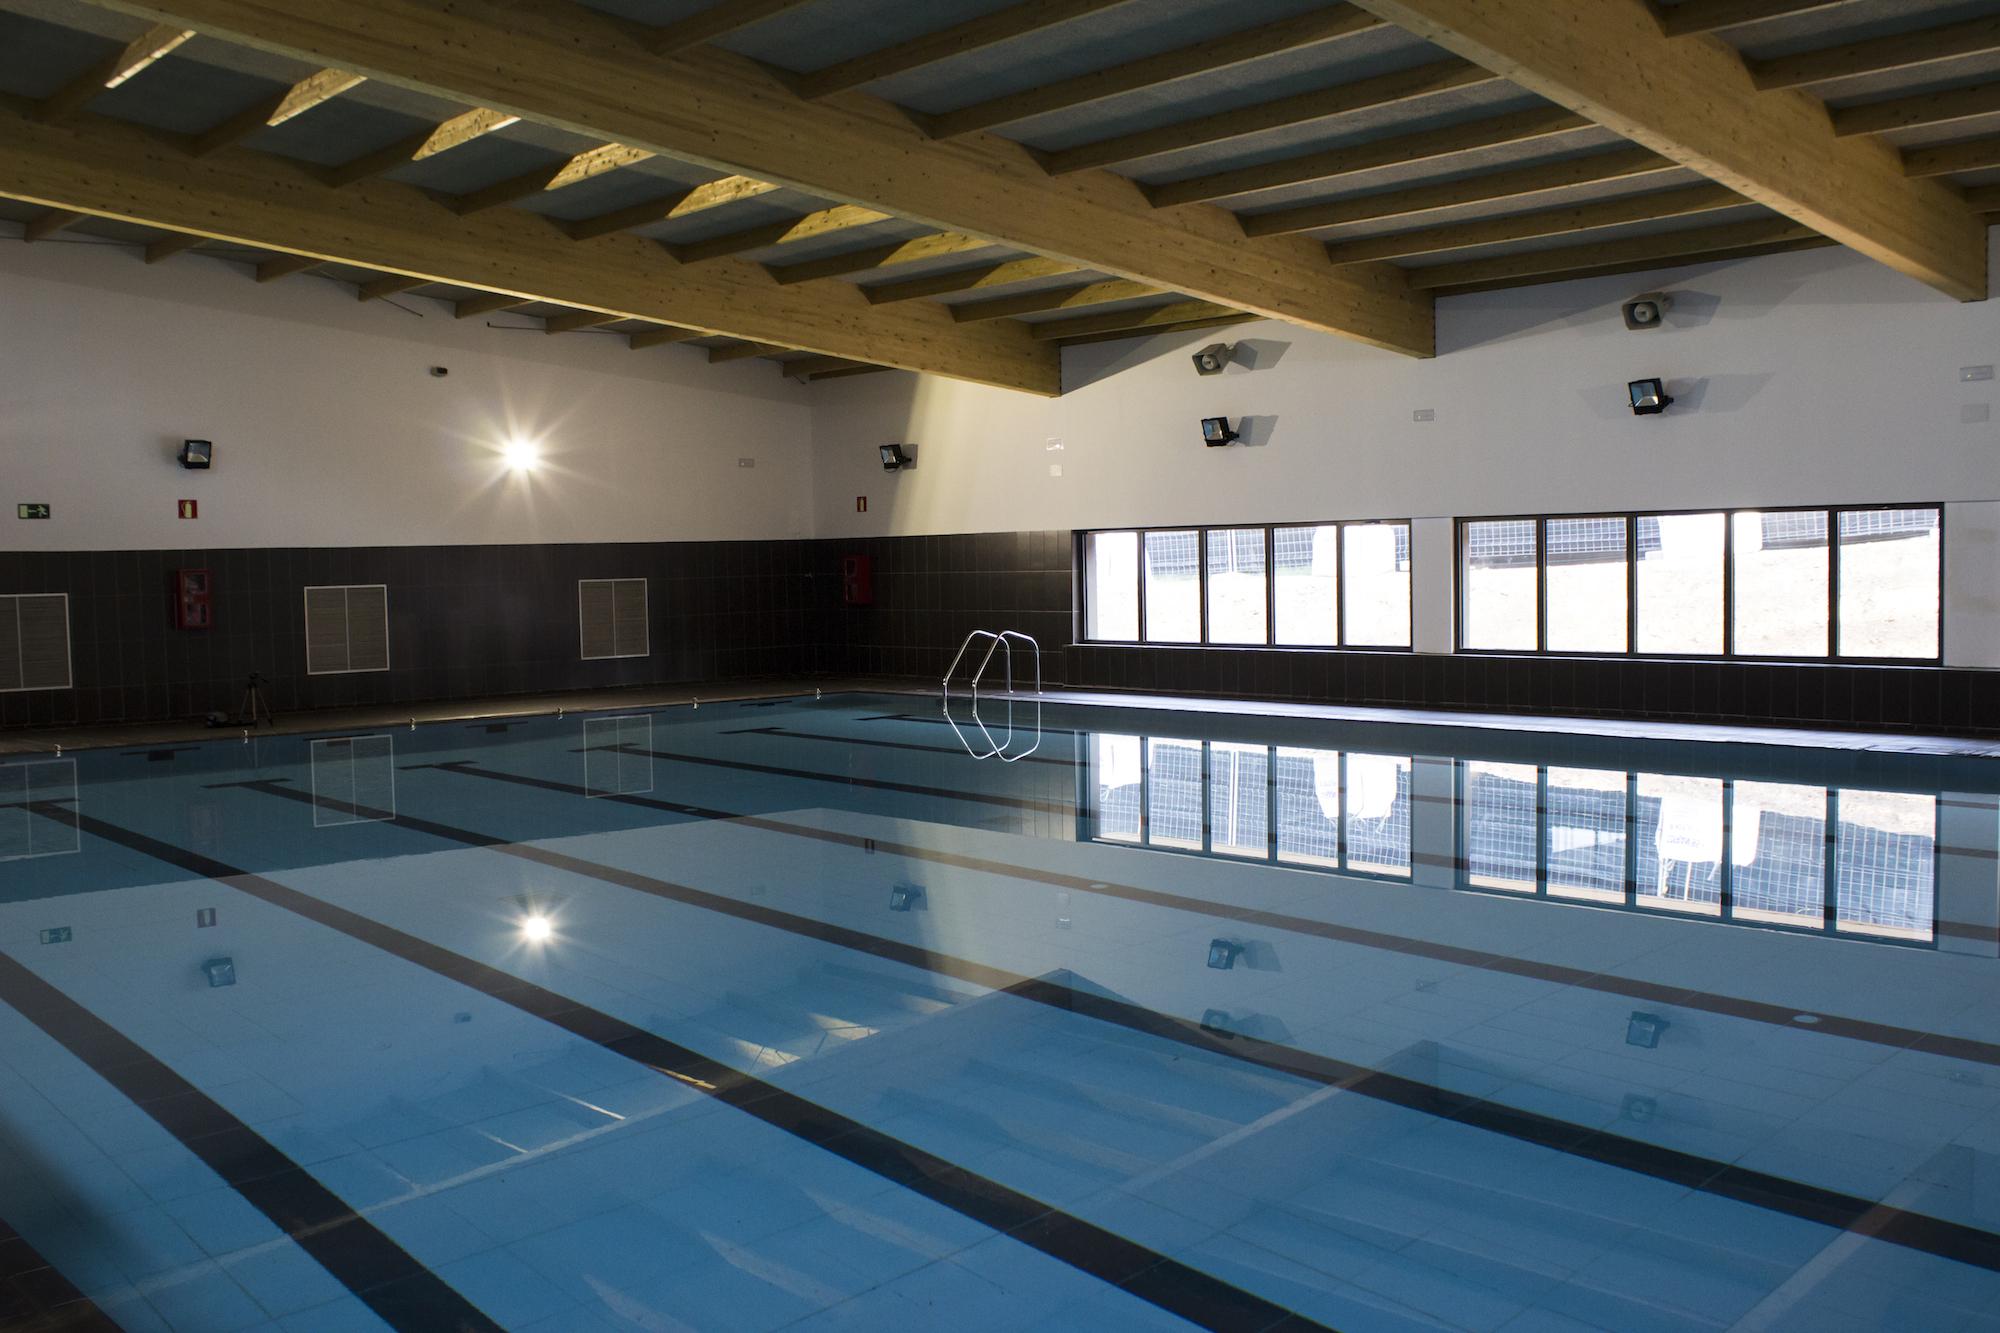 Instalaciones y servicios de tennis salou h2o descubre nuestras modernas instalaciones - Gimnasio con piscina zaragoza ...